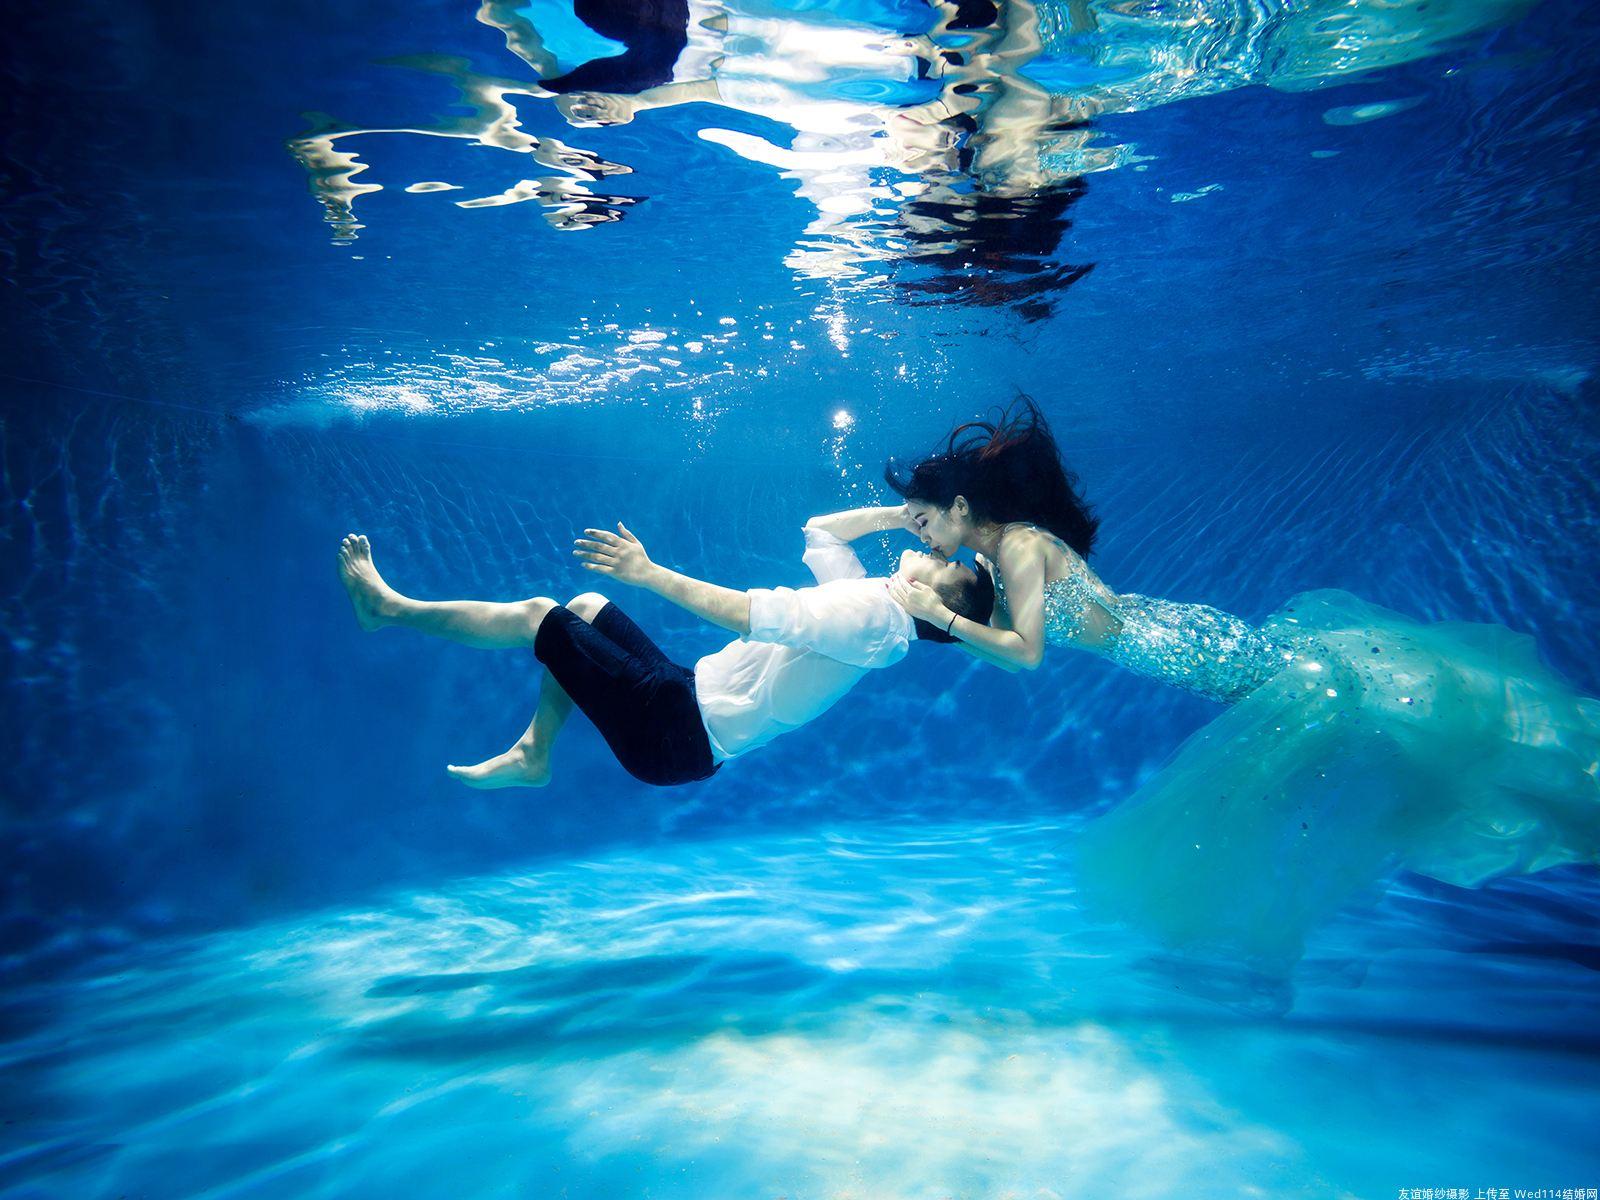 水下婚纱照照片(点击浏览下一张趣图)